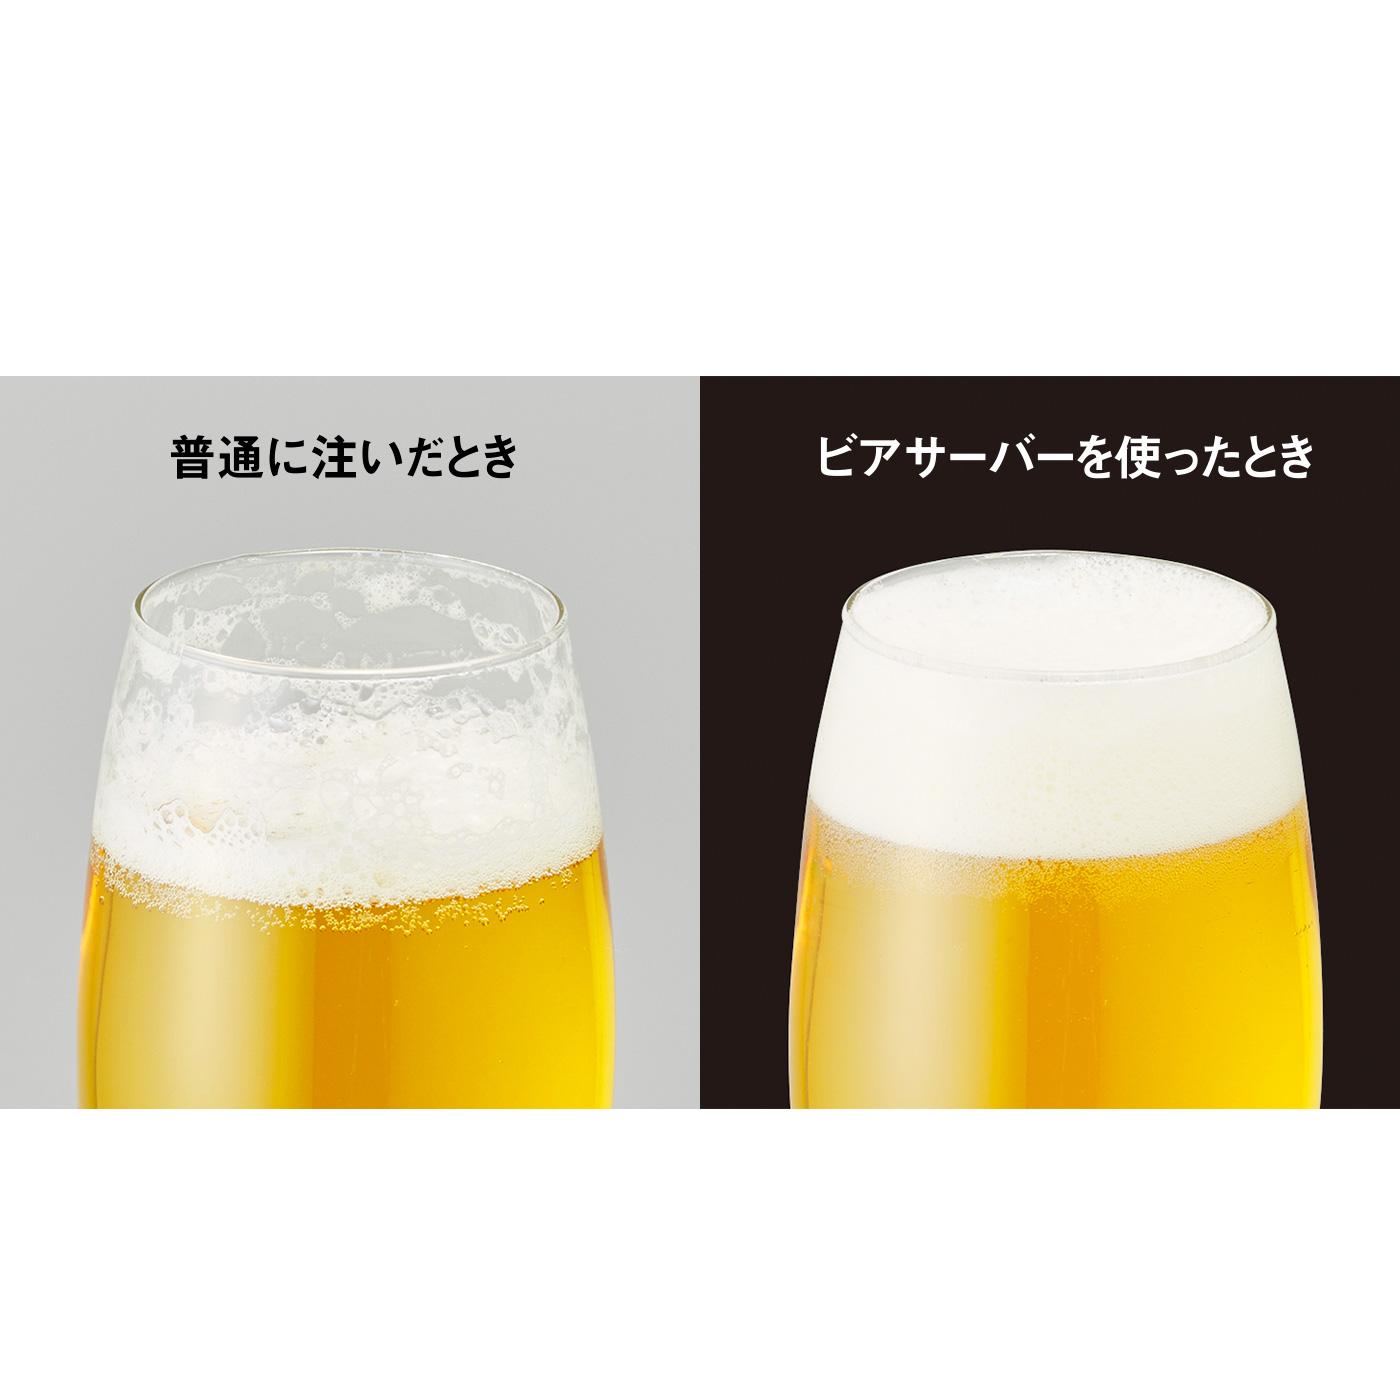 普通に缶ビールから注ぐより、時間が経ってもクリーミーな泡が長持ちします。